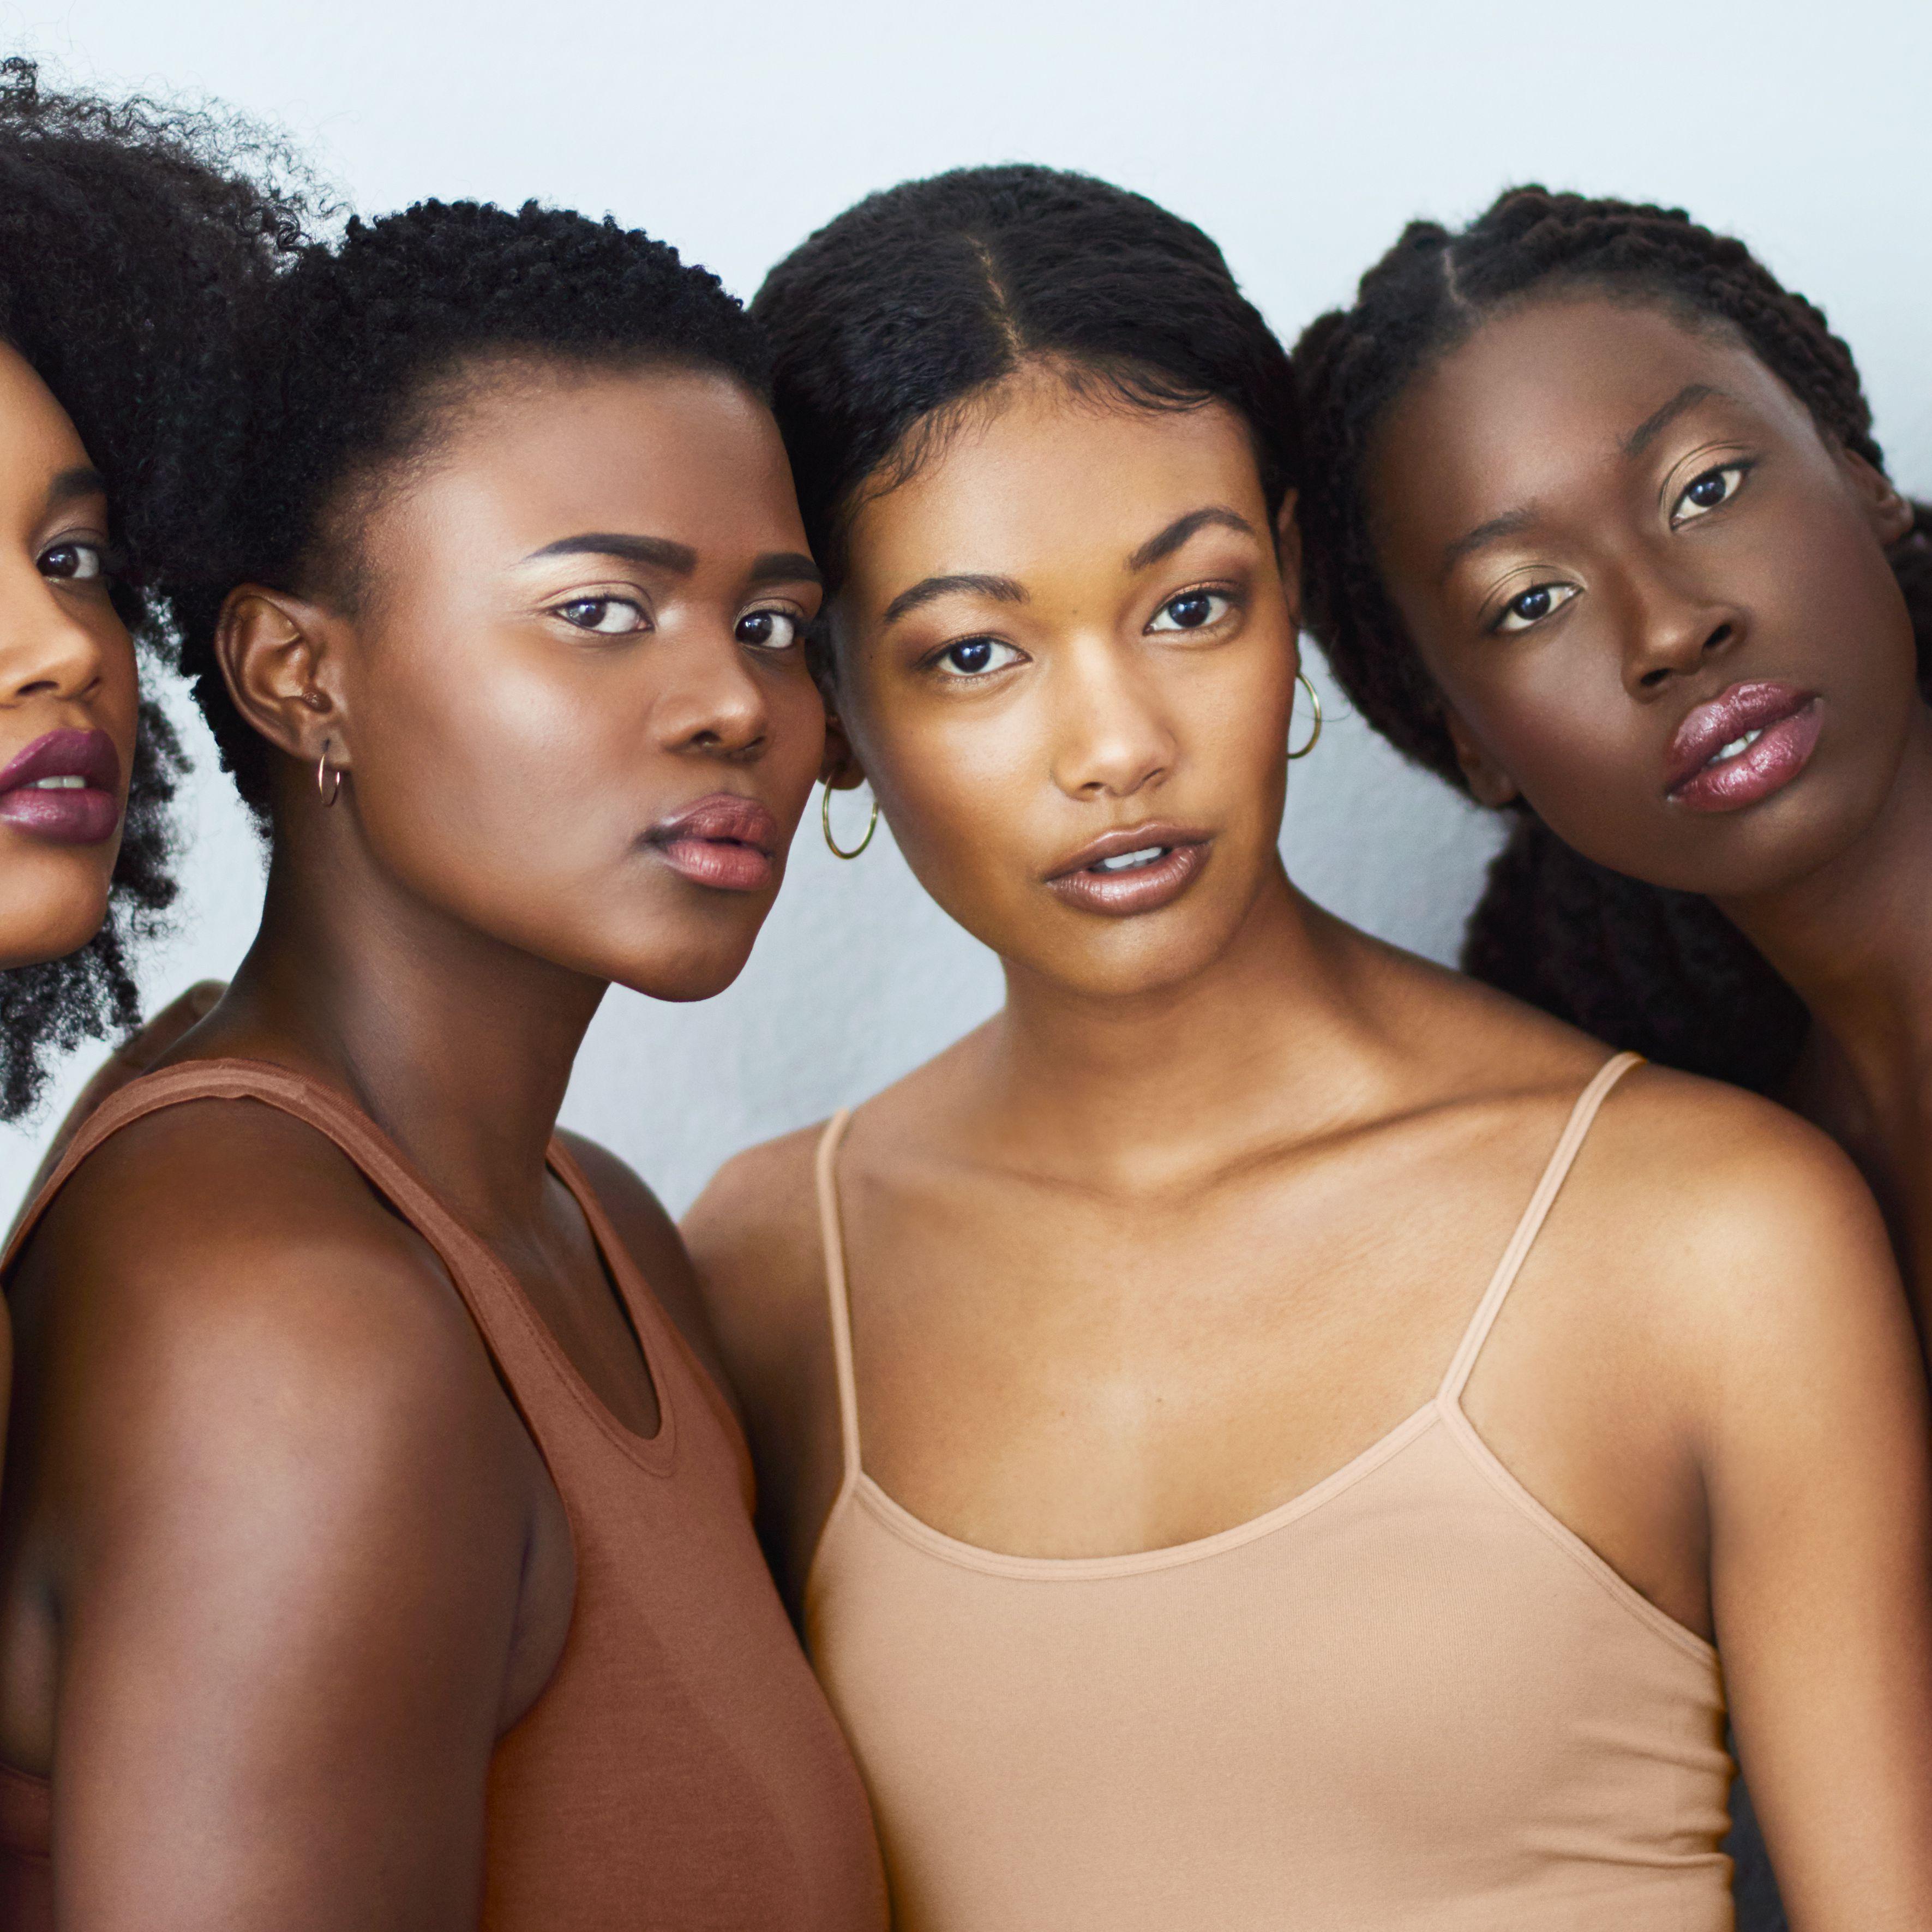 free honey black girls v/s one men